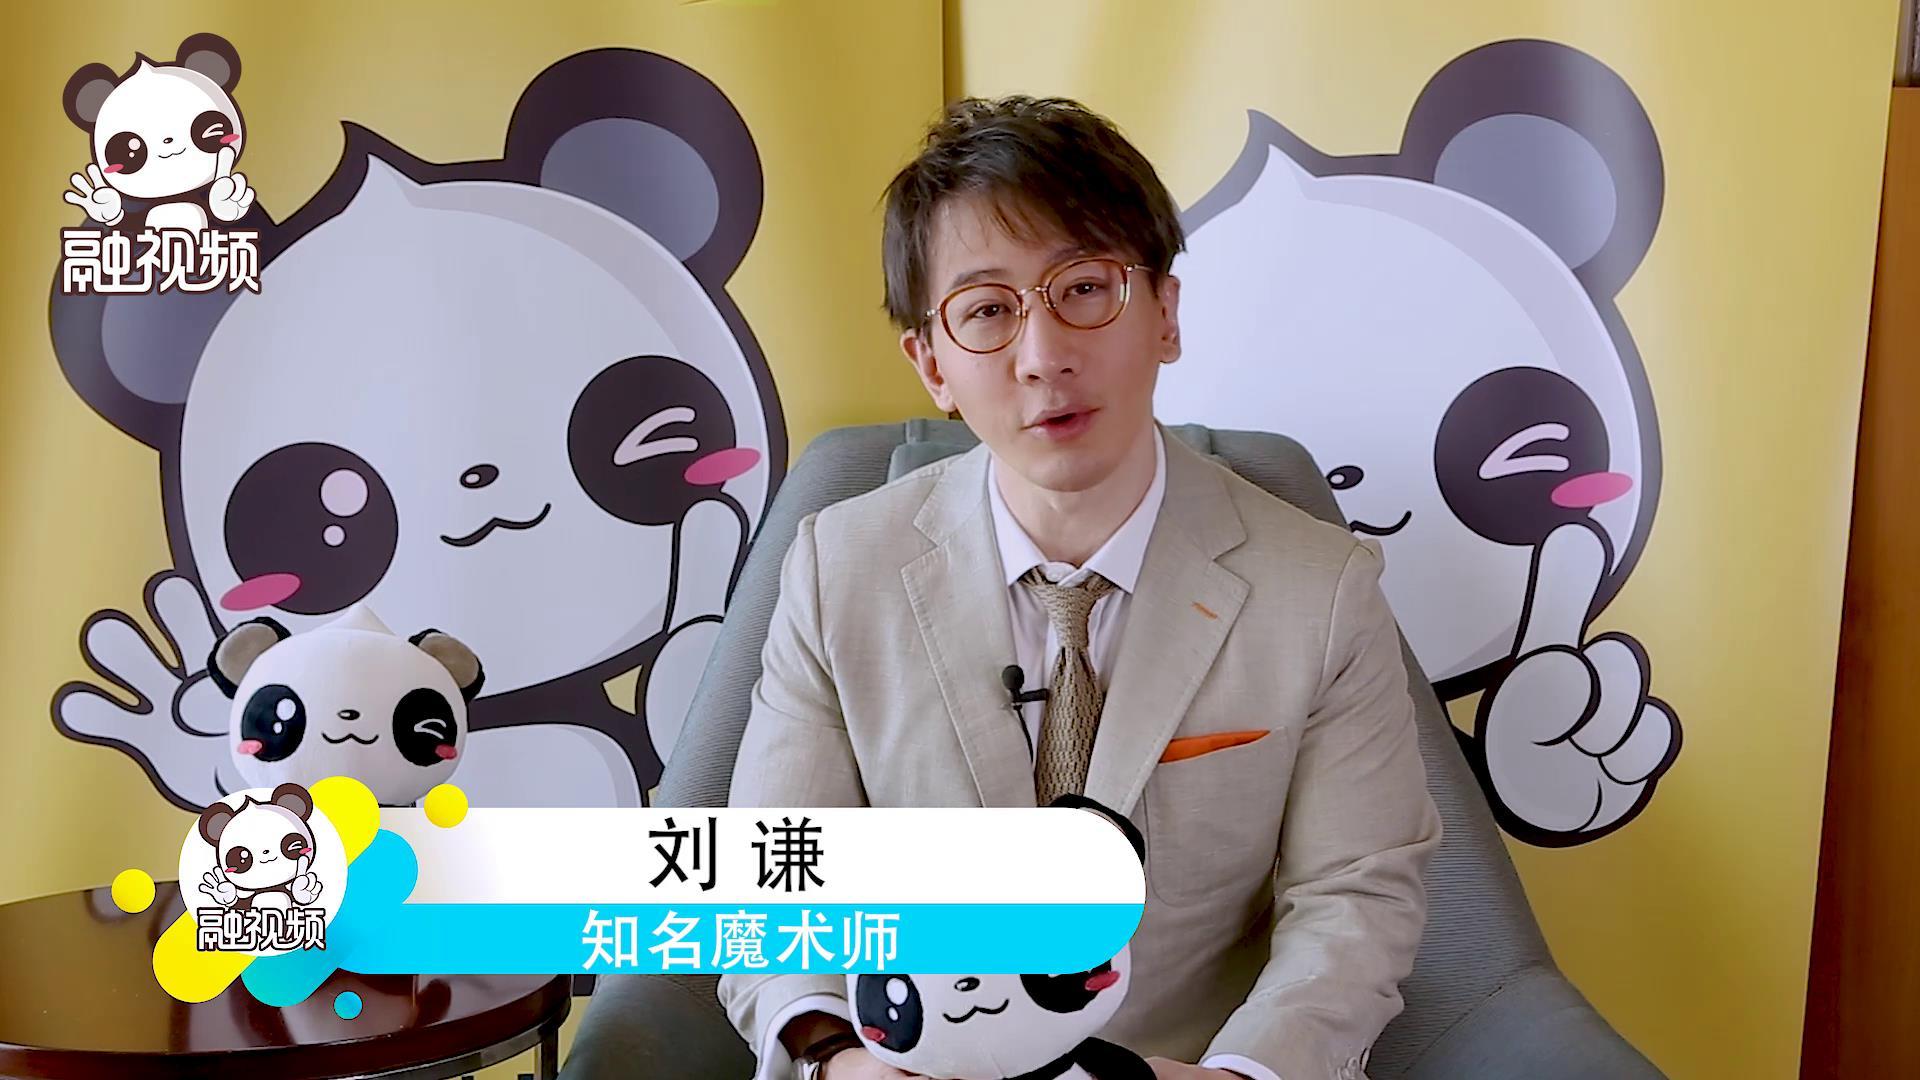 """刘谦谈两岸婚姻相处之道:大魔术师和?#21271;本?#22823;妞""""的甜蜜趣事图片"""